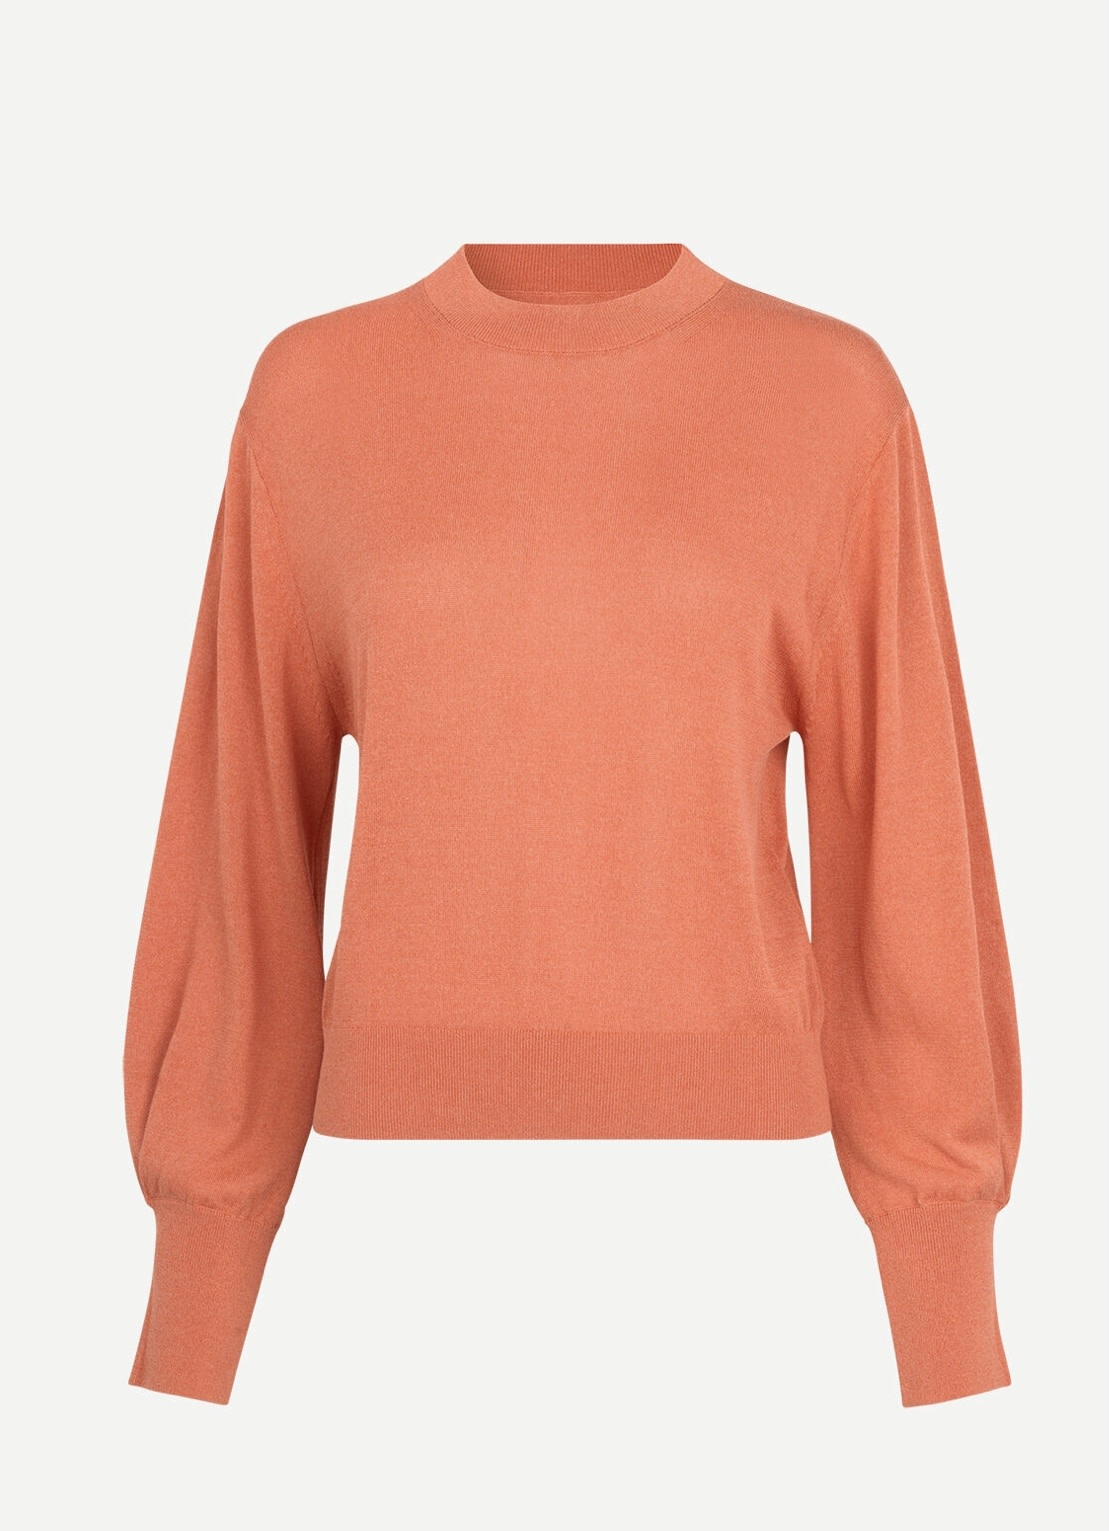 Dida mock sweater Samsoe Samsoe-1